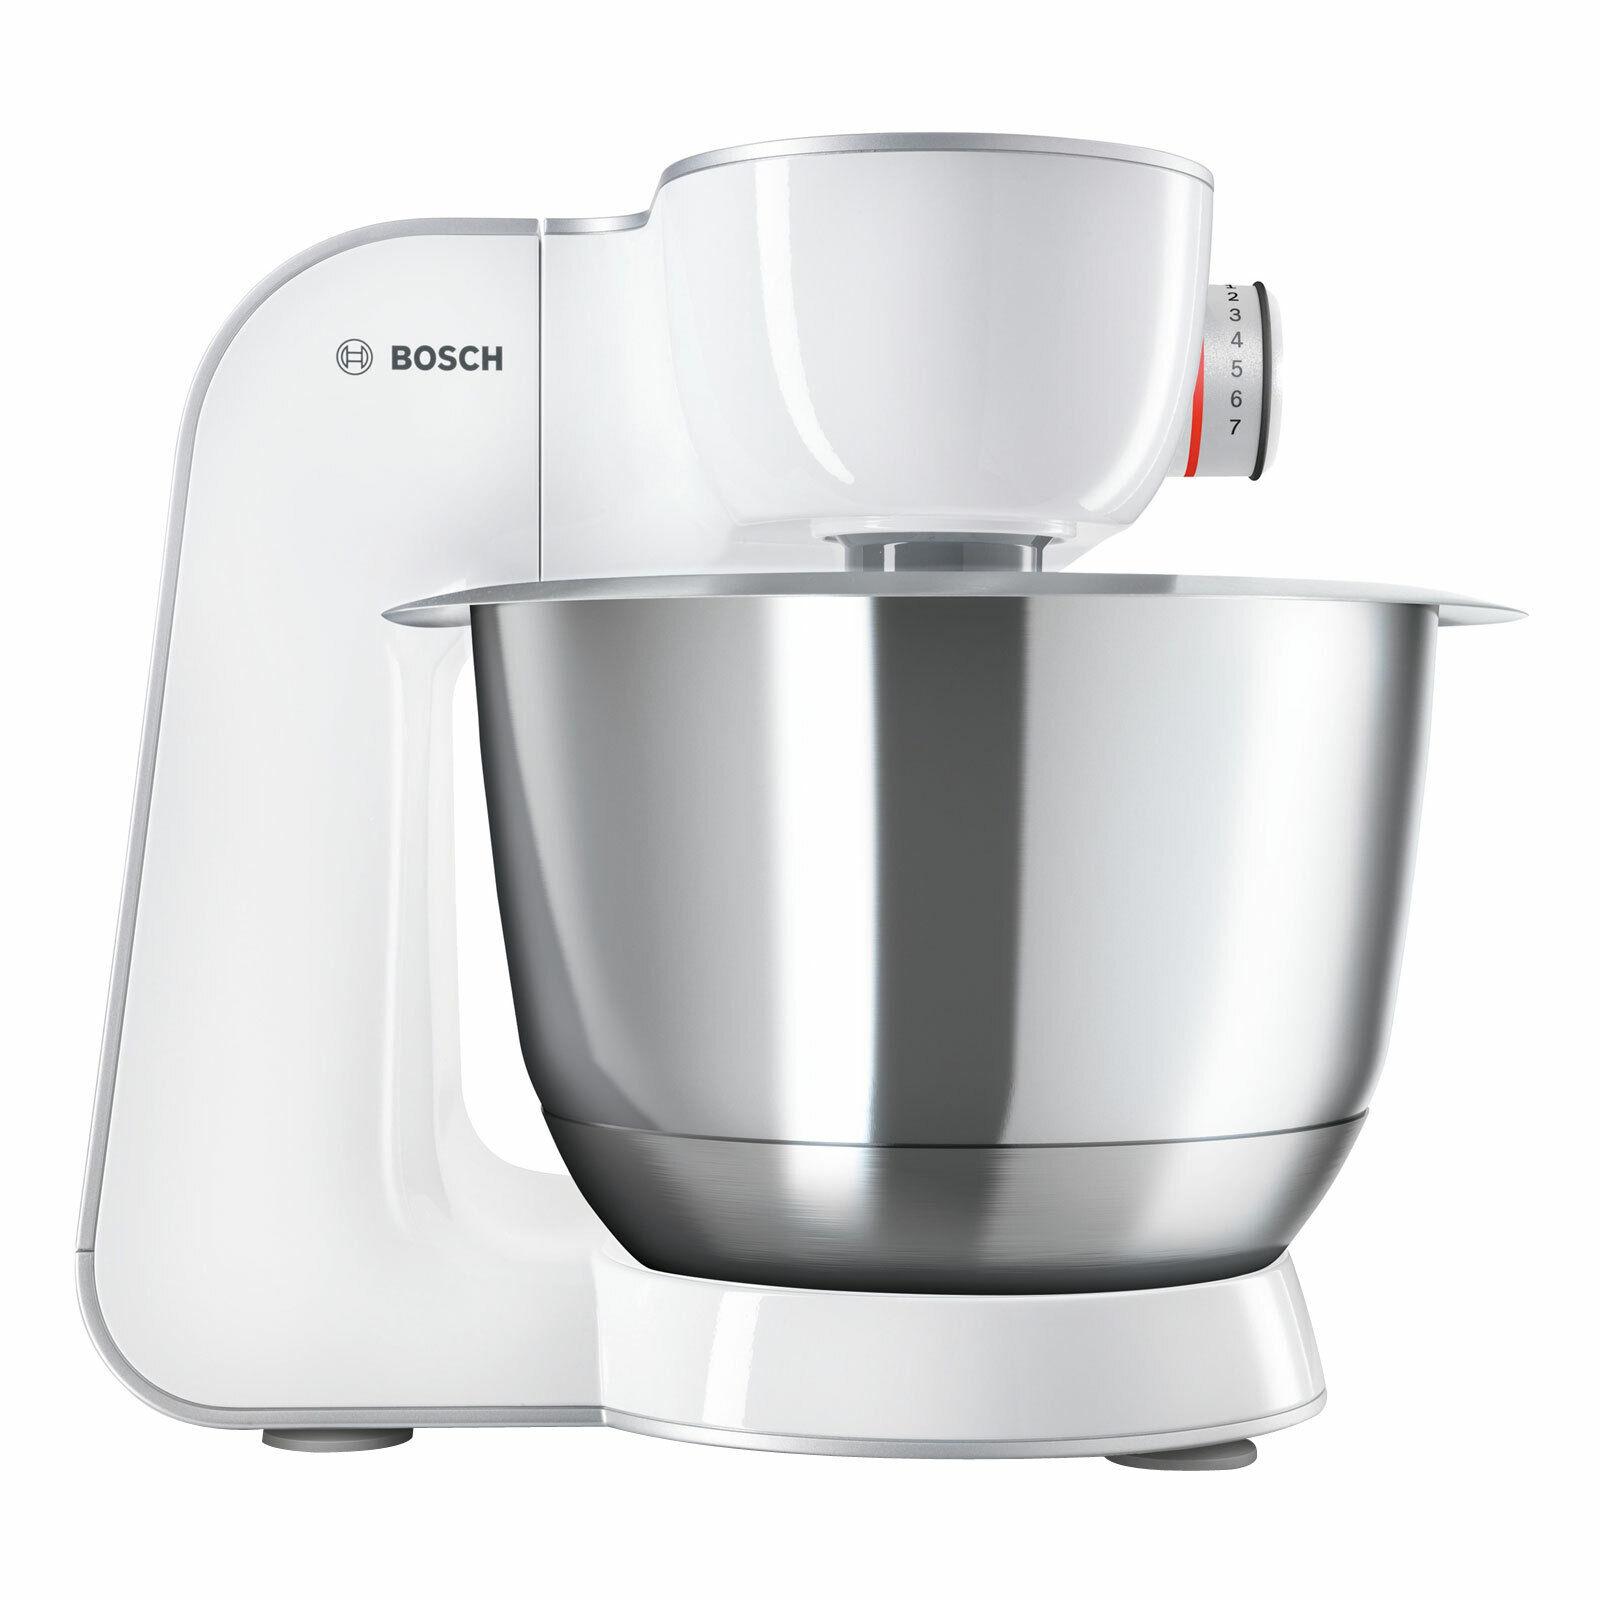 Bosch MUM58234 Küchenmaschine Standmixer Smoothiemaker Zerkleinerer Rührschüssel